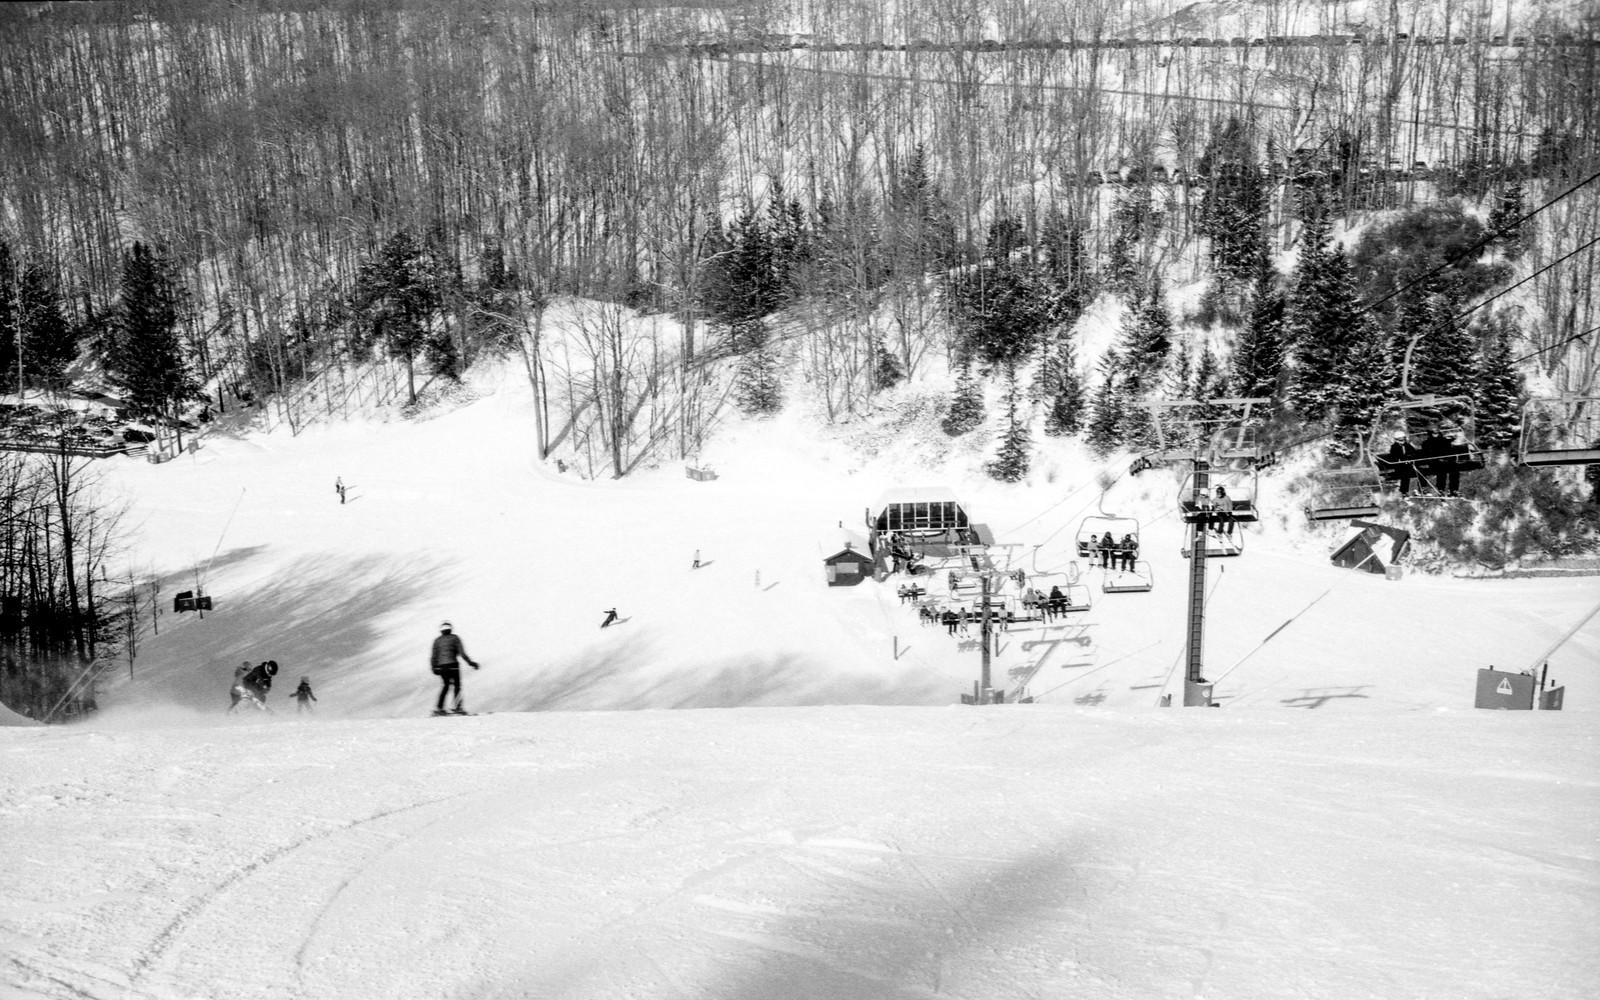 Steepside Feb 2020